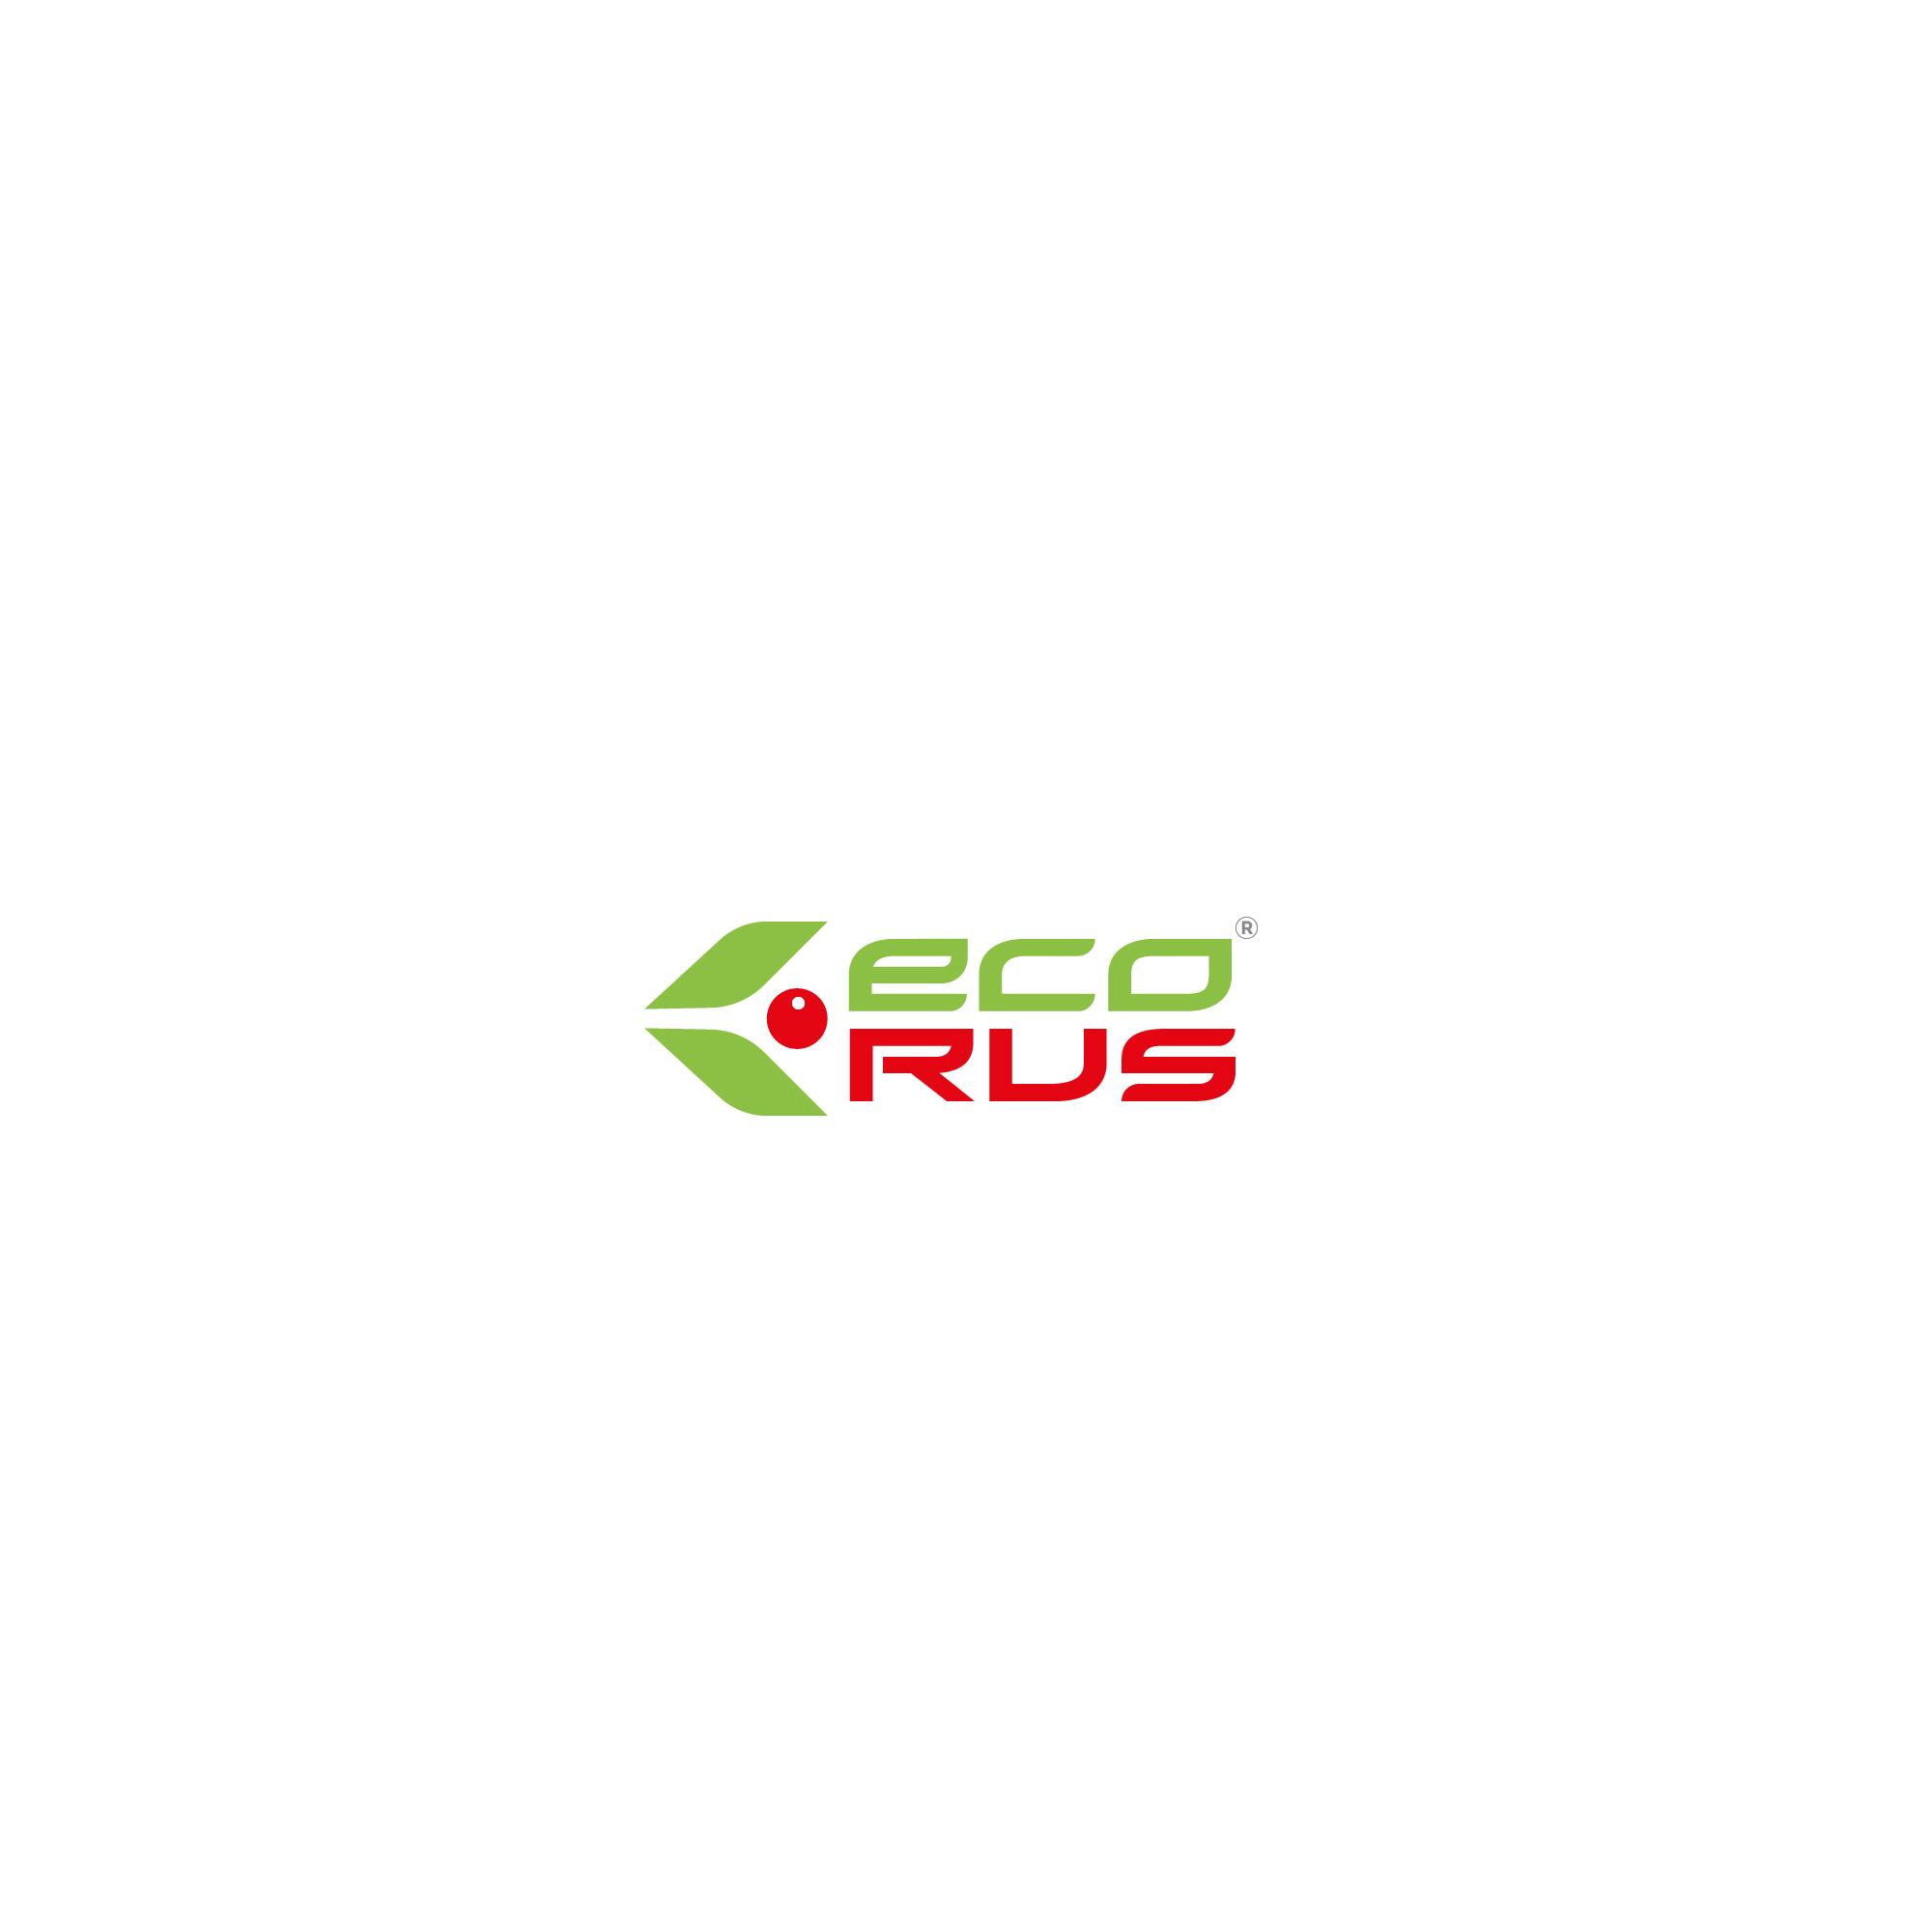 Логотип для поставщика продуктов питания из России в Китай фото f_8405ea6f6cf16d67.jpg